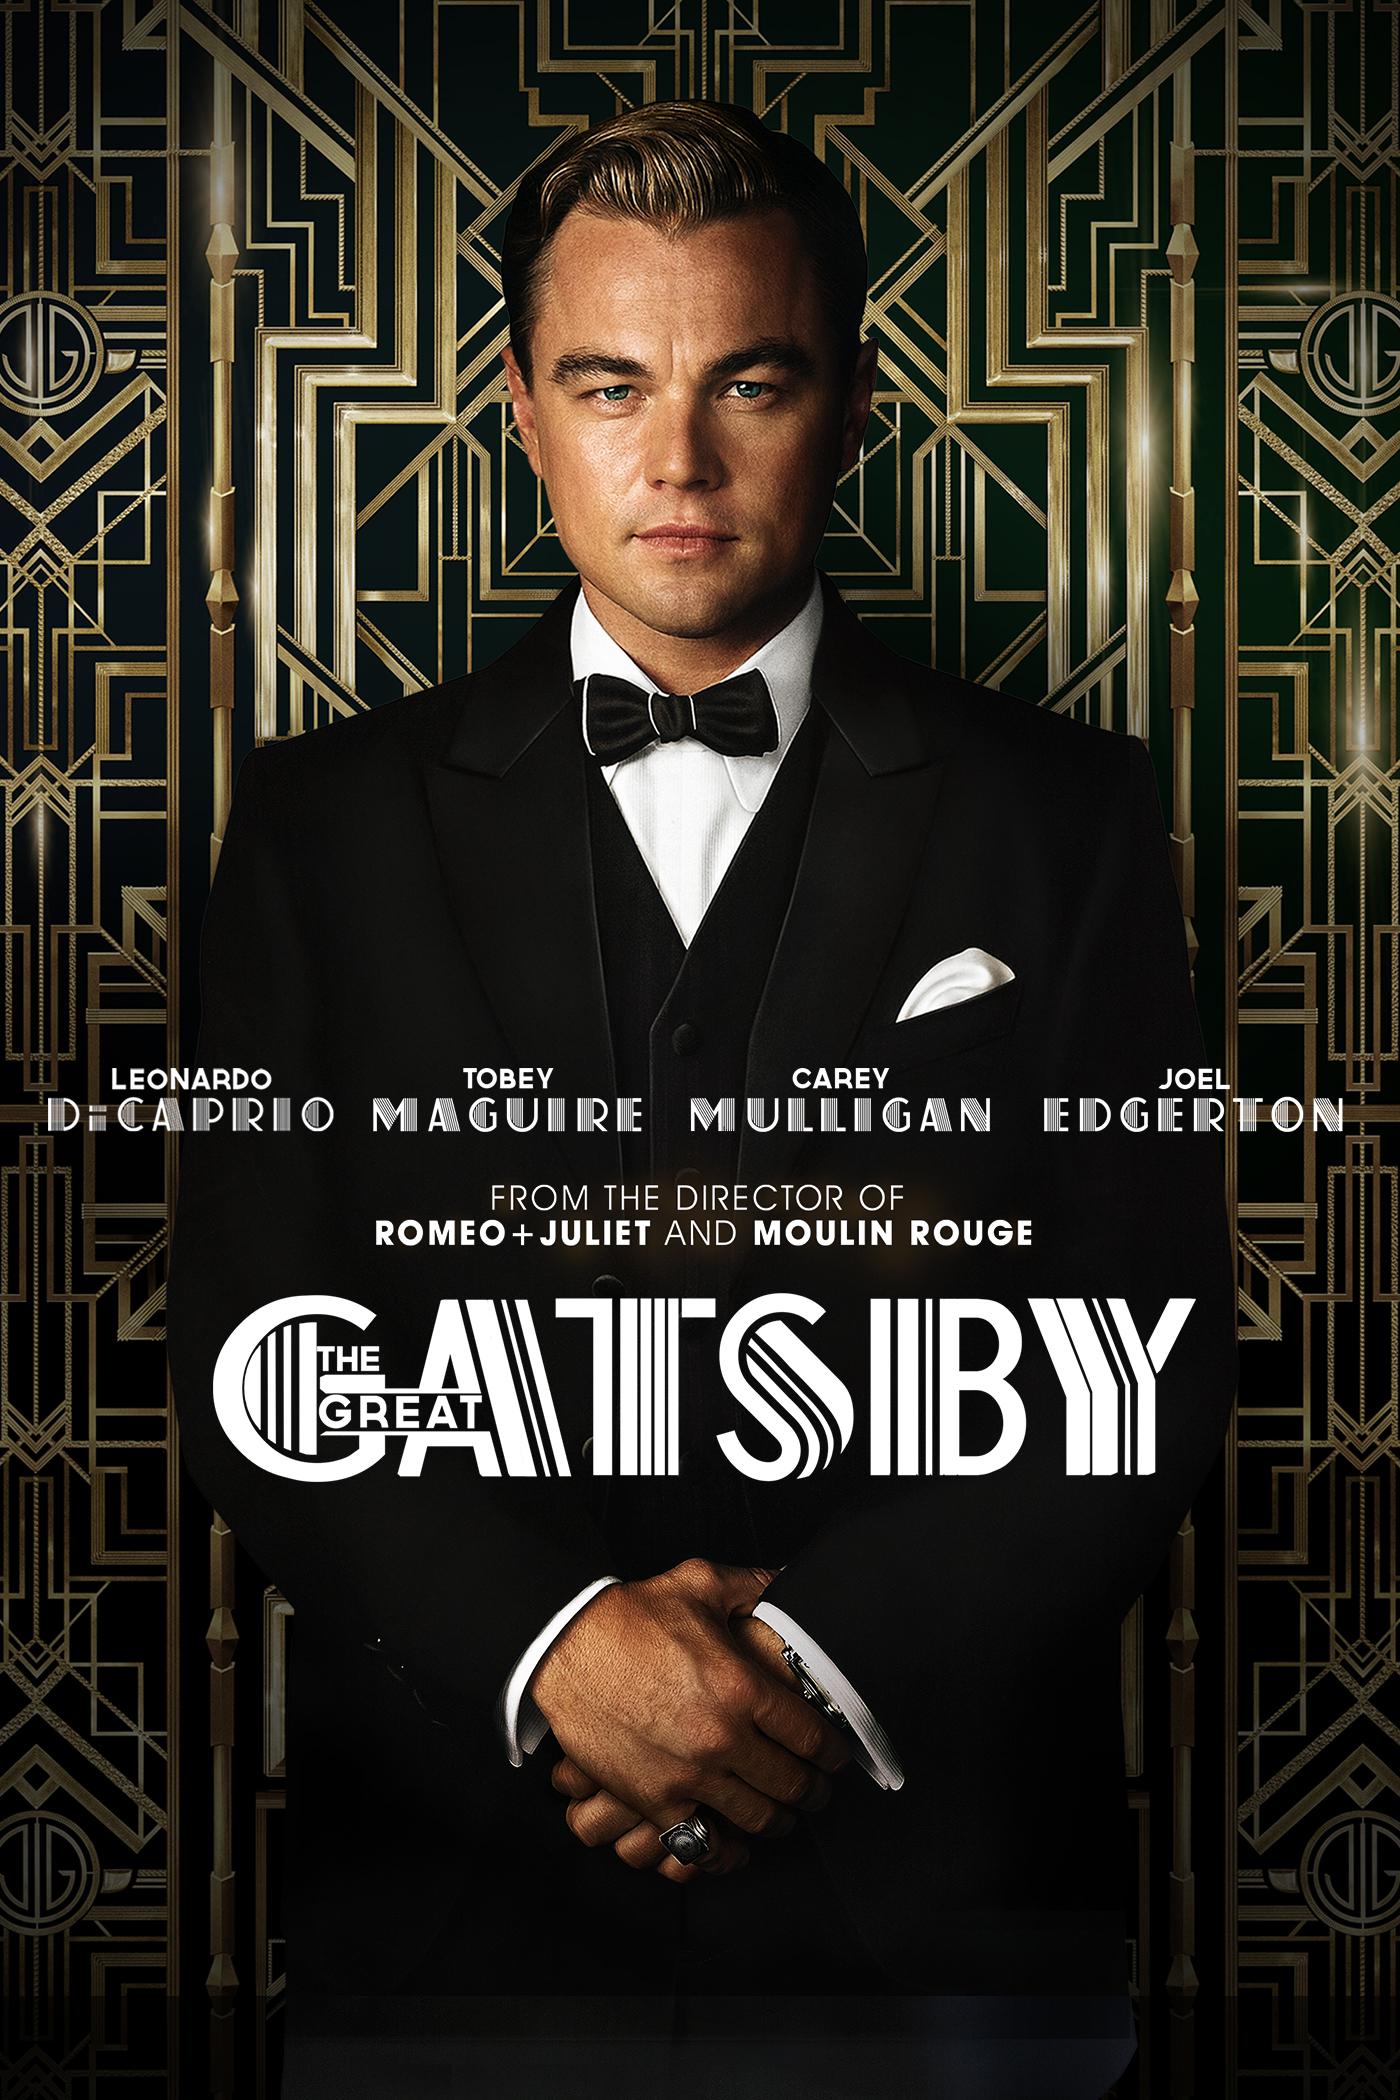 a-great-gatsby.jpg